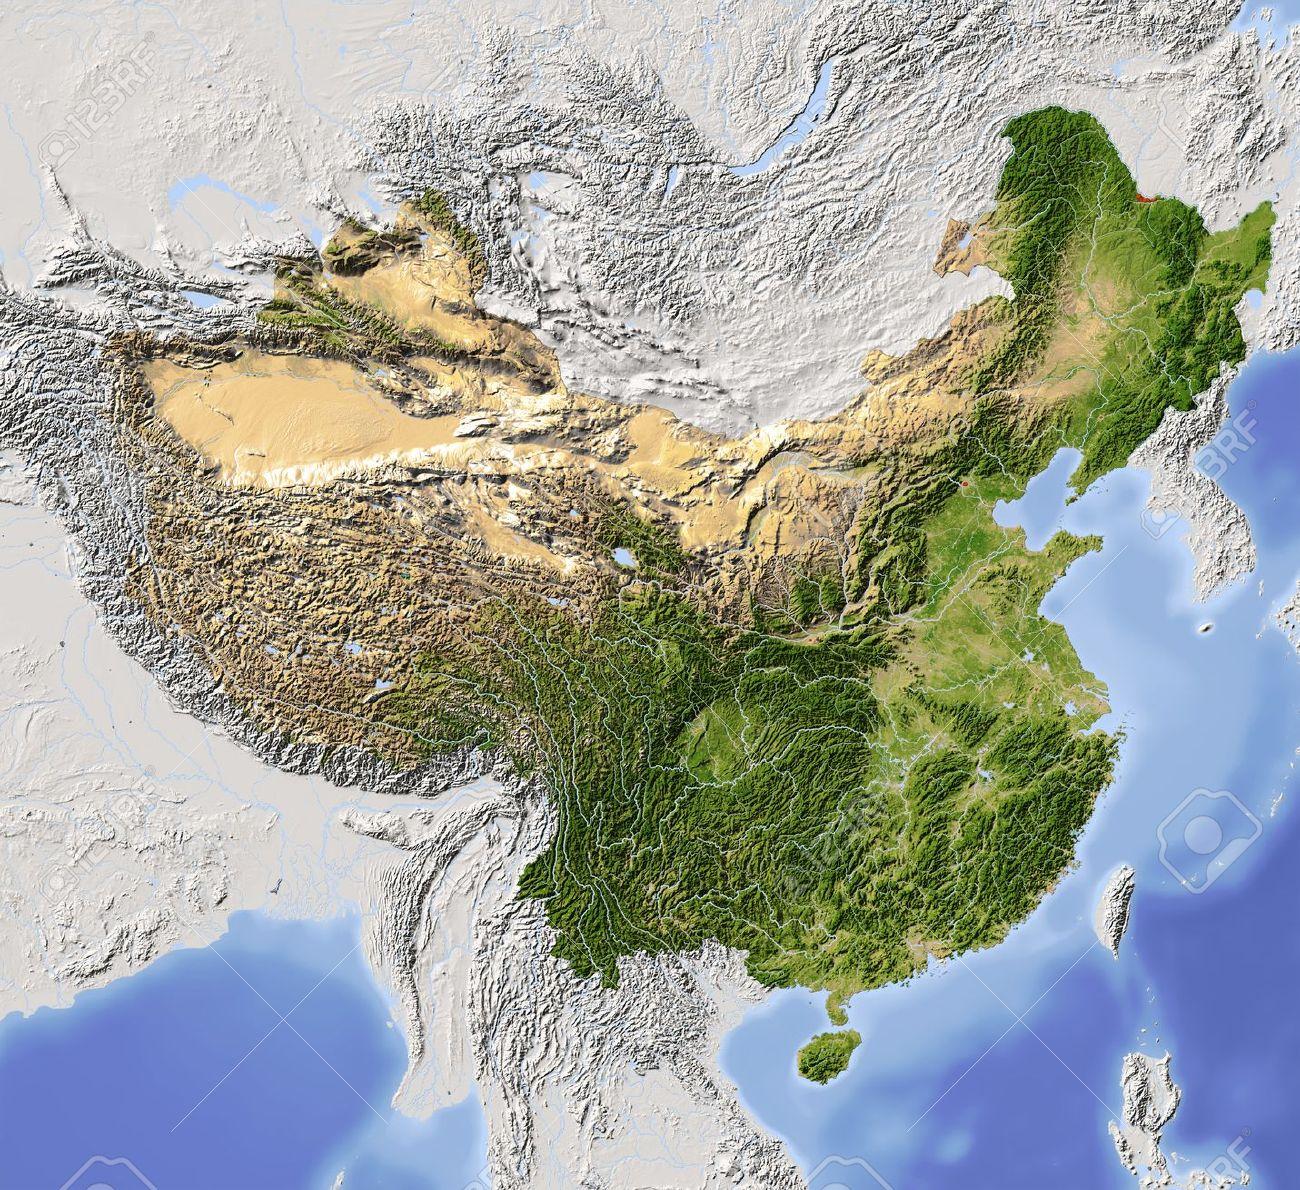 Carte Vegetation Chine.La Chine Carte En Relief Ombre Colorie Selon La Vegetation Avec De Grandes Zones Urbaines Comprend Chemin Clip Pour La Frontiere D Etat